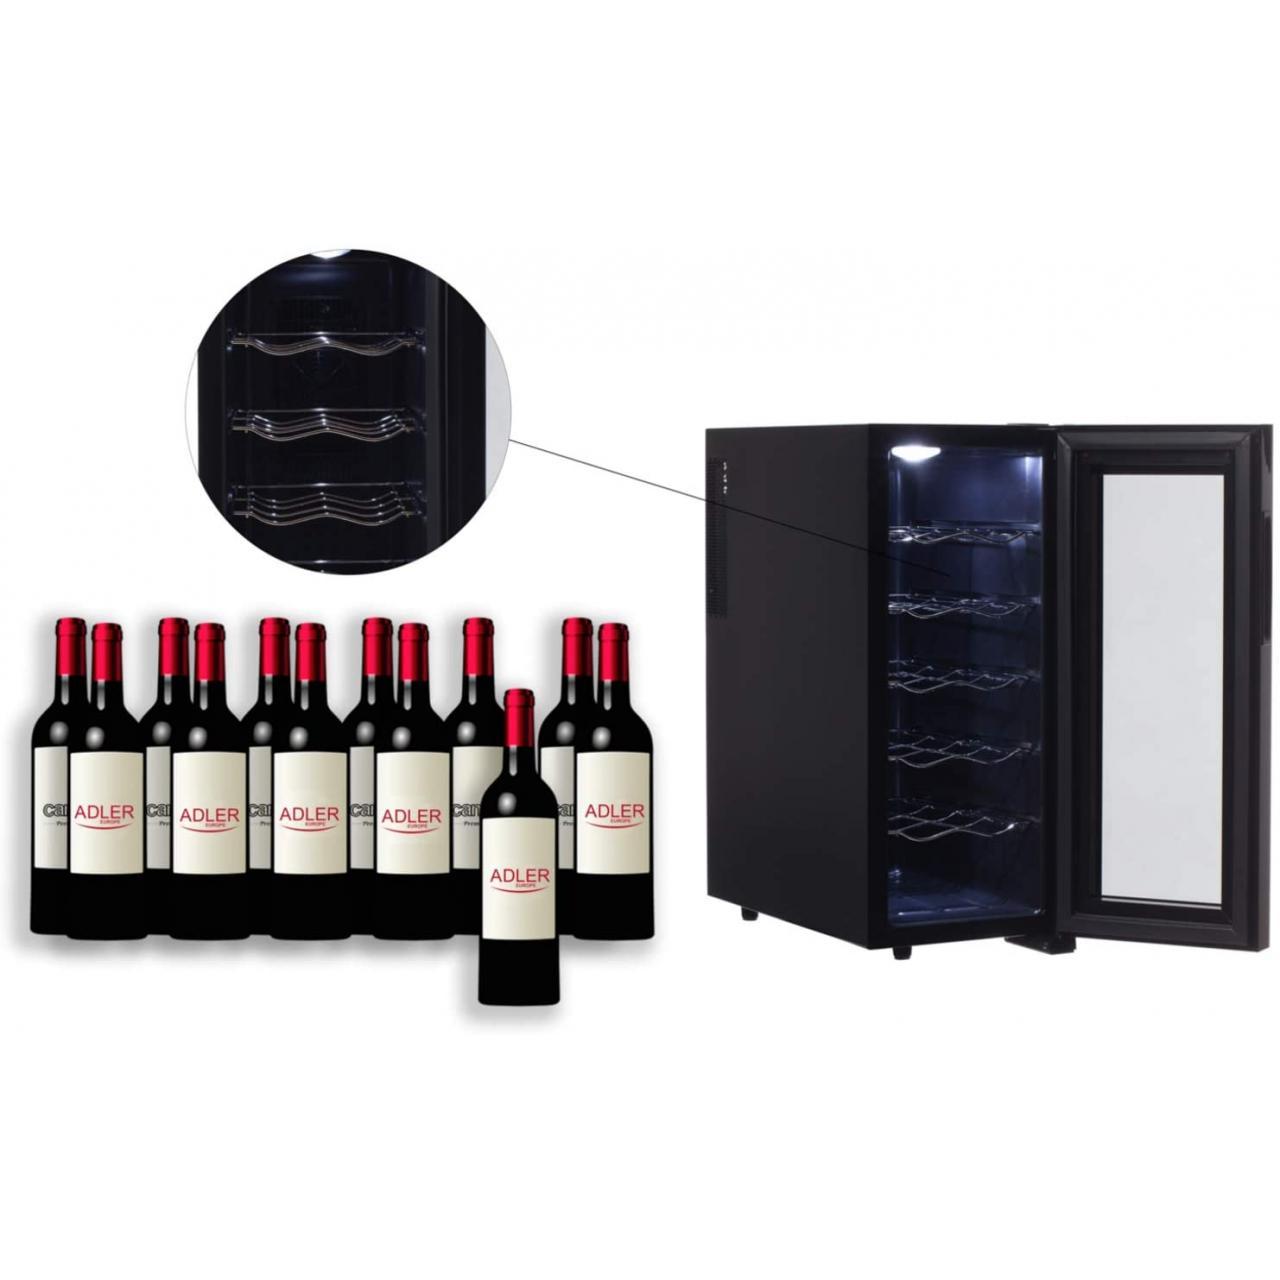 Frigider pentru vin AD8075 12 sticle, 33 L